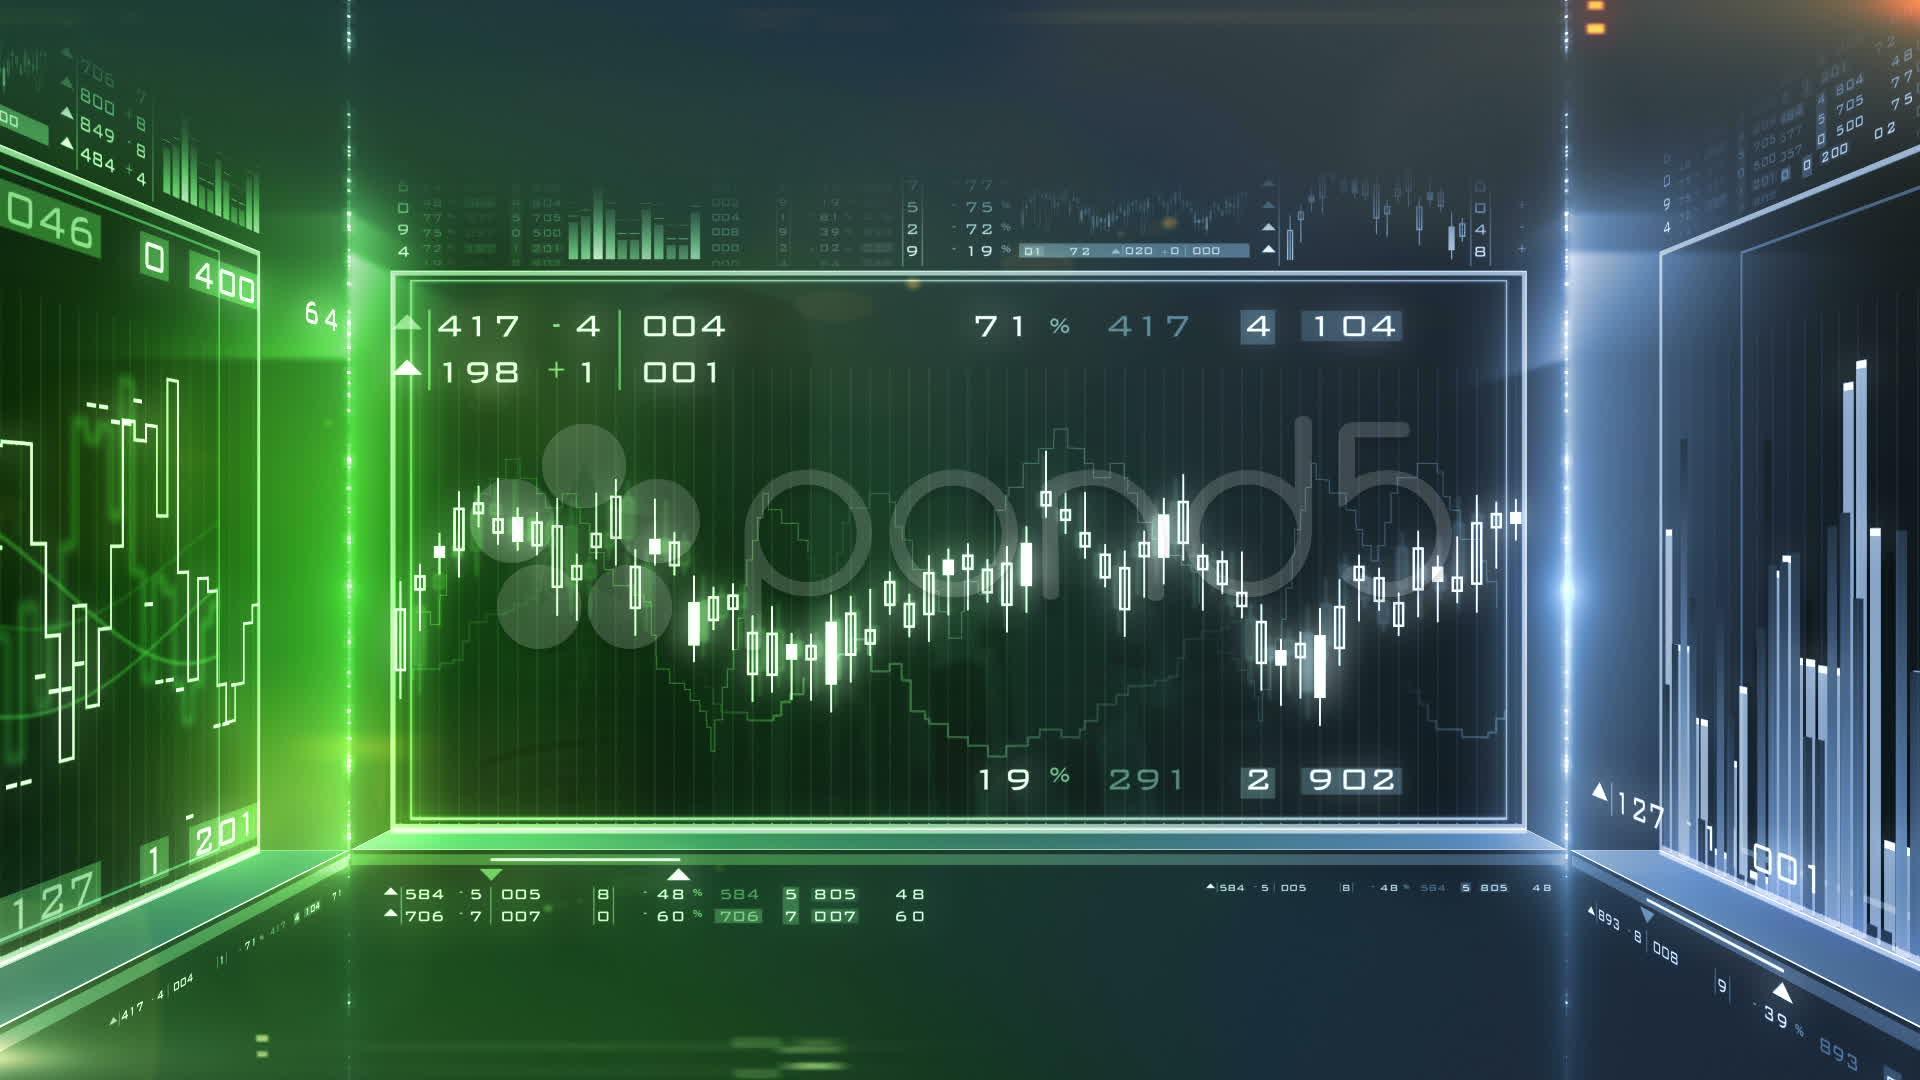 Cripto exchanges centralizadas alcanzan nuevos máximos